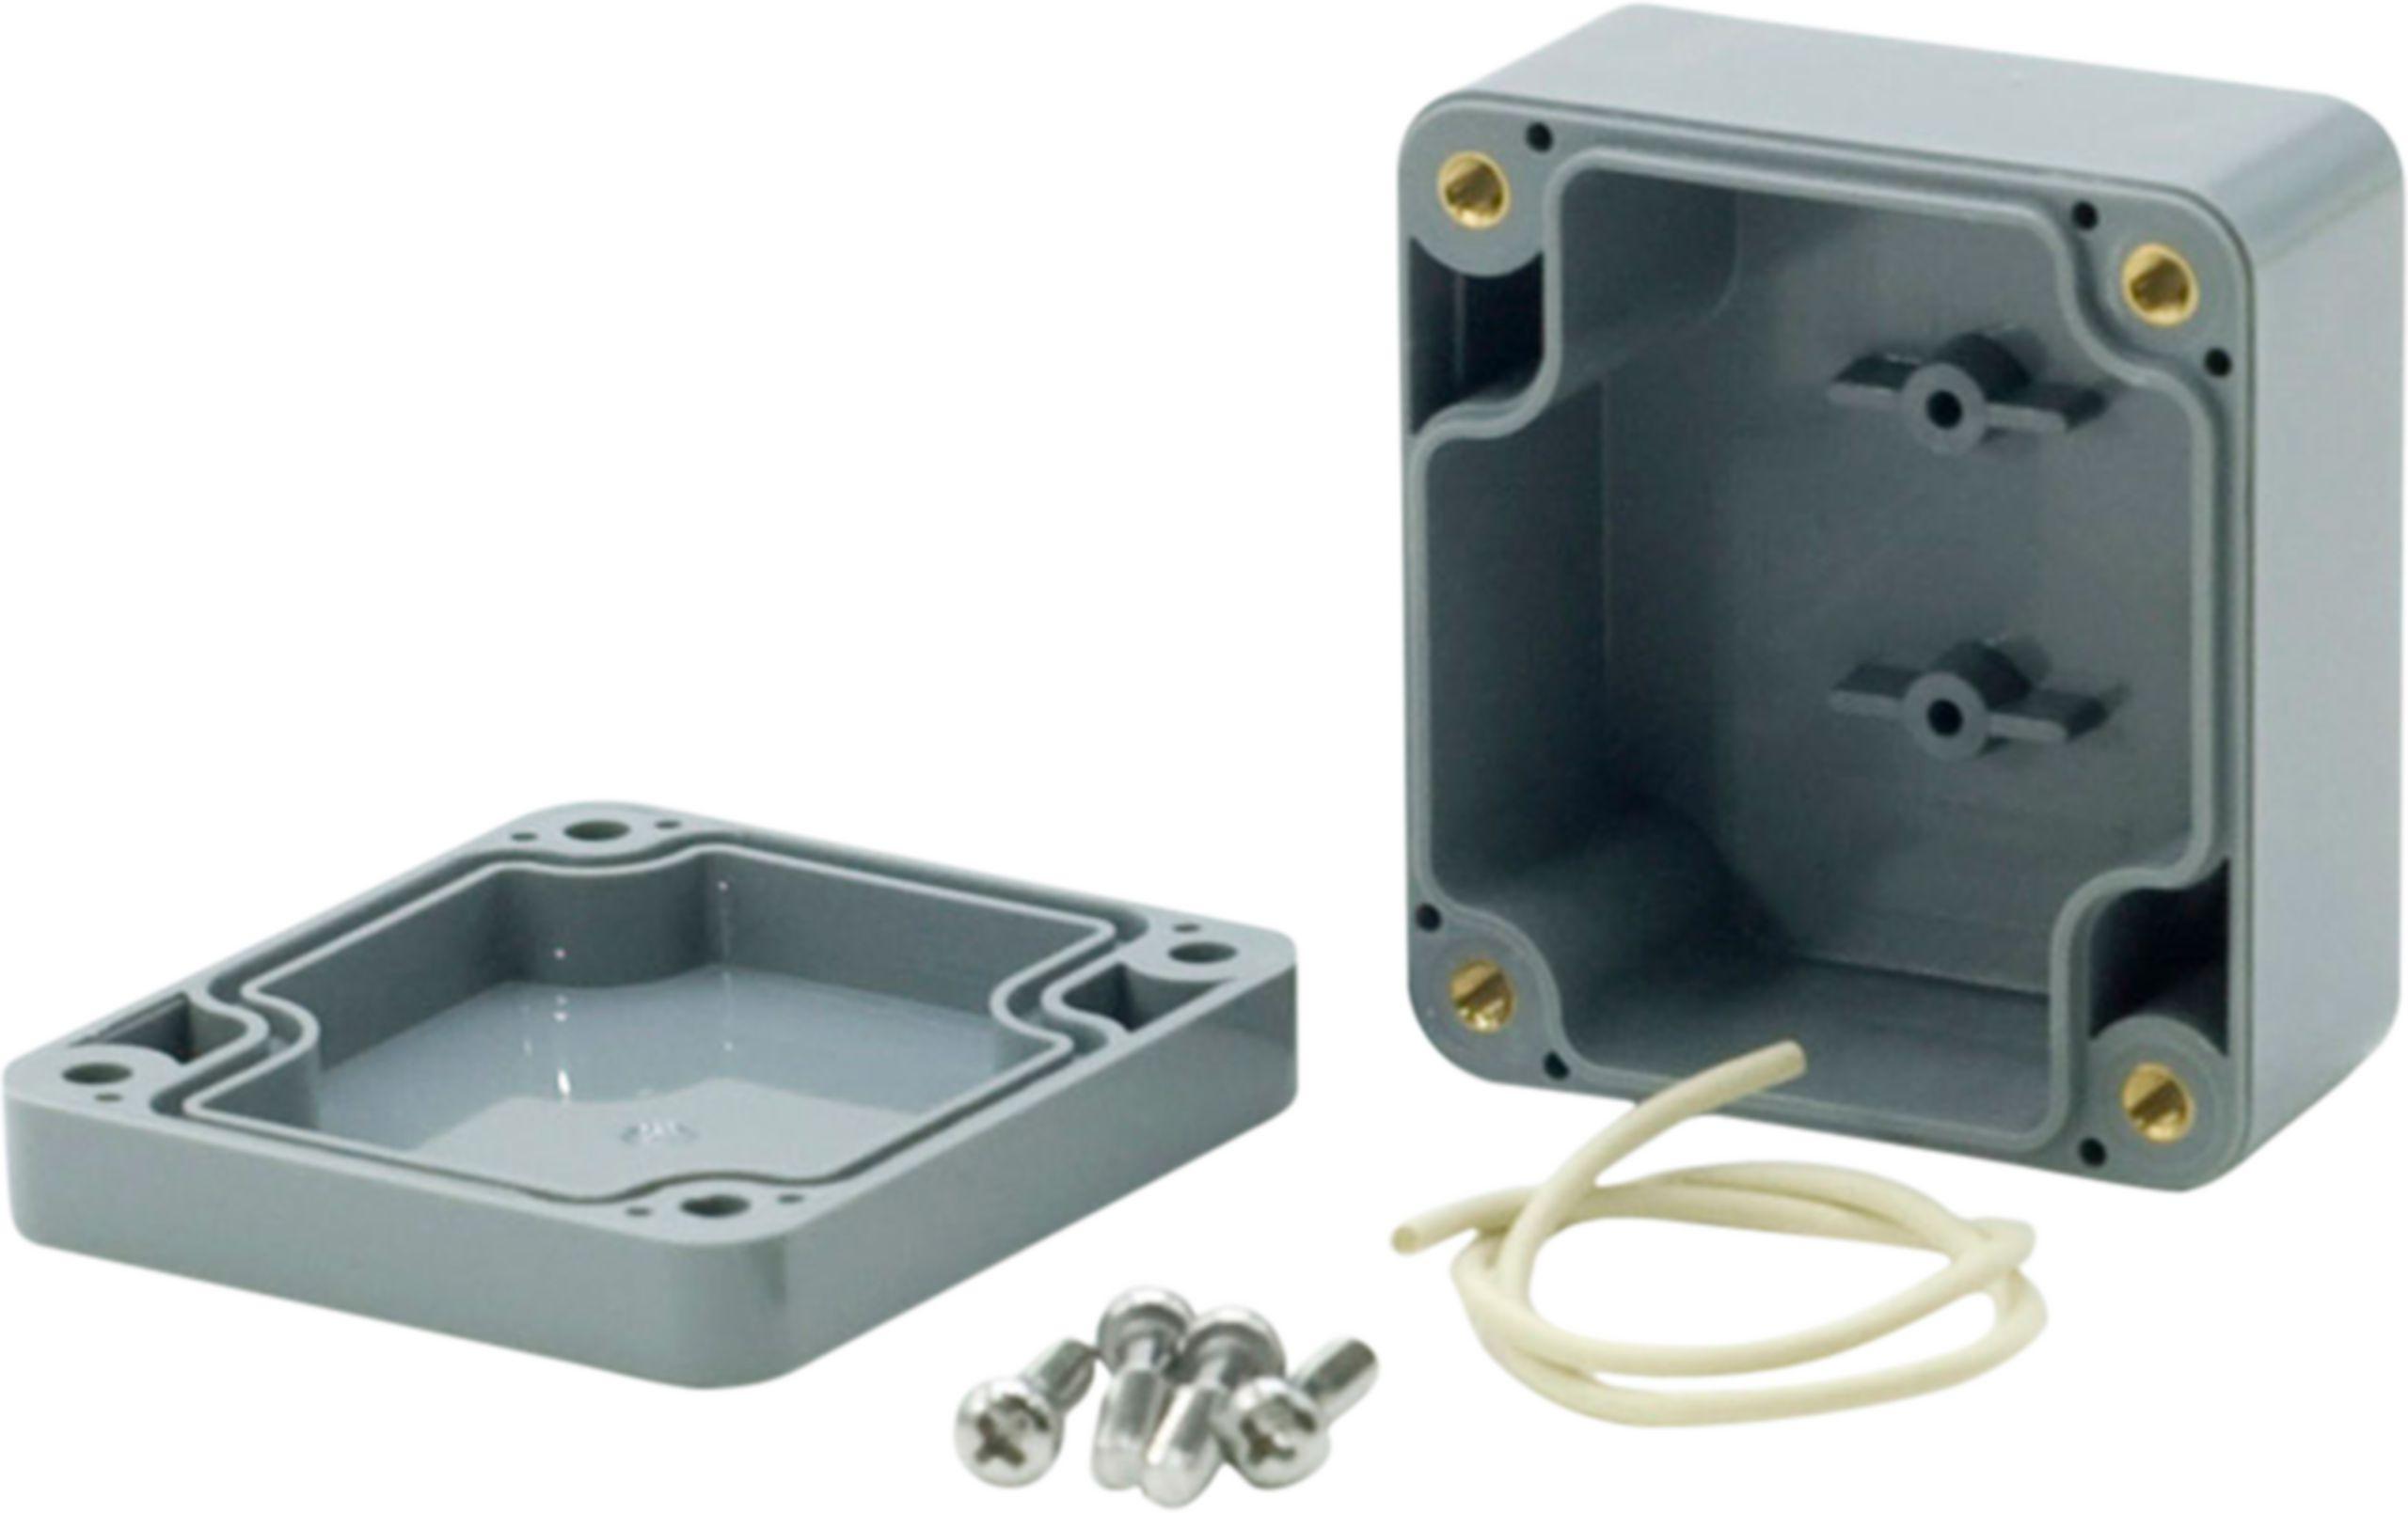 Krabička ABS plast, IP 65, tmavě šedá 222 x 146 x 55 mm